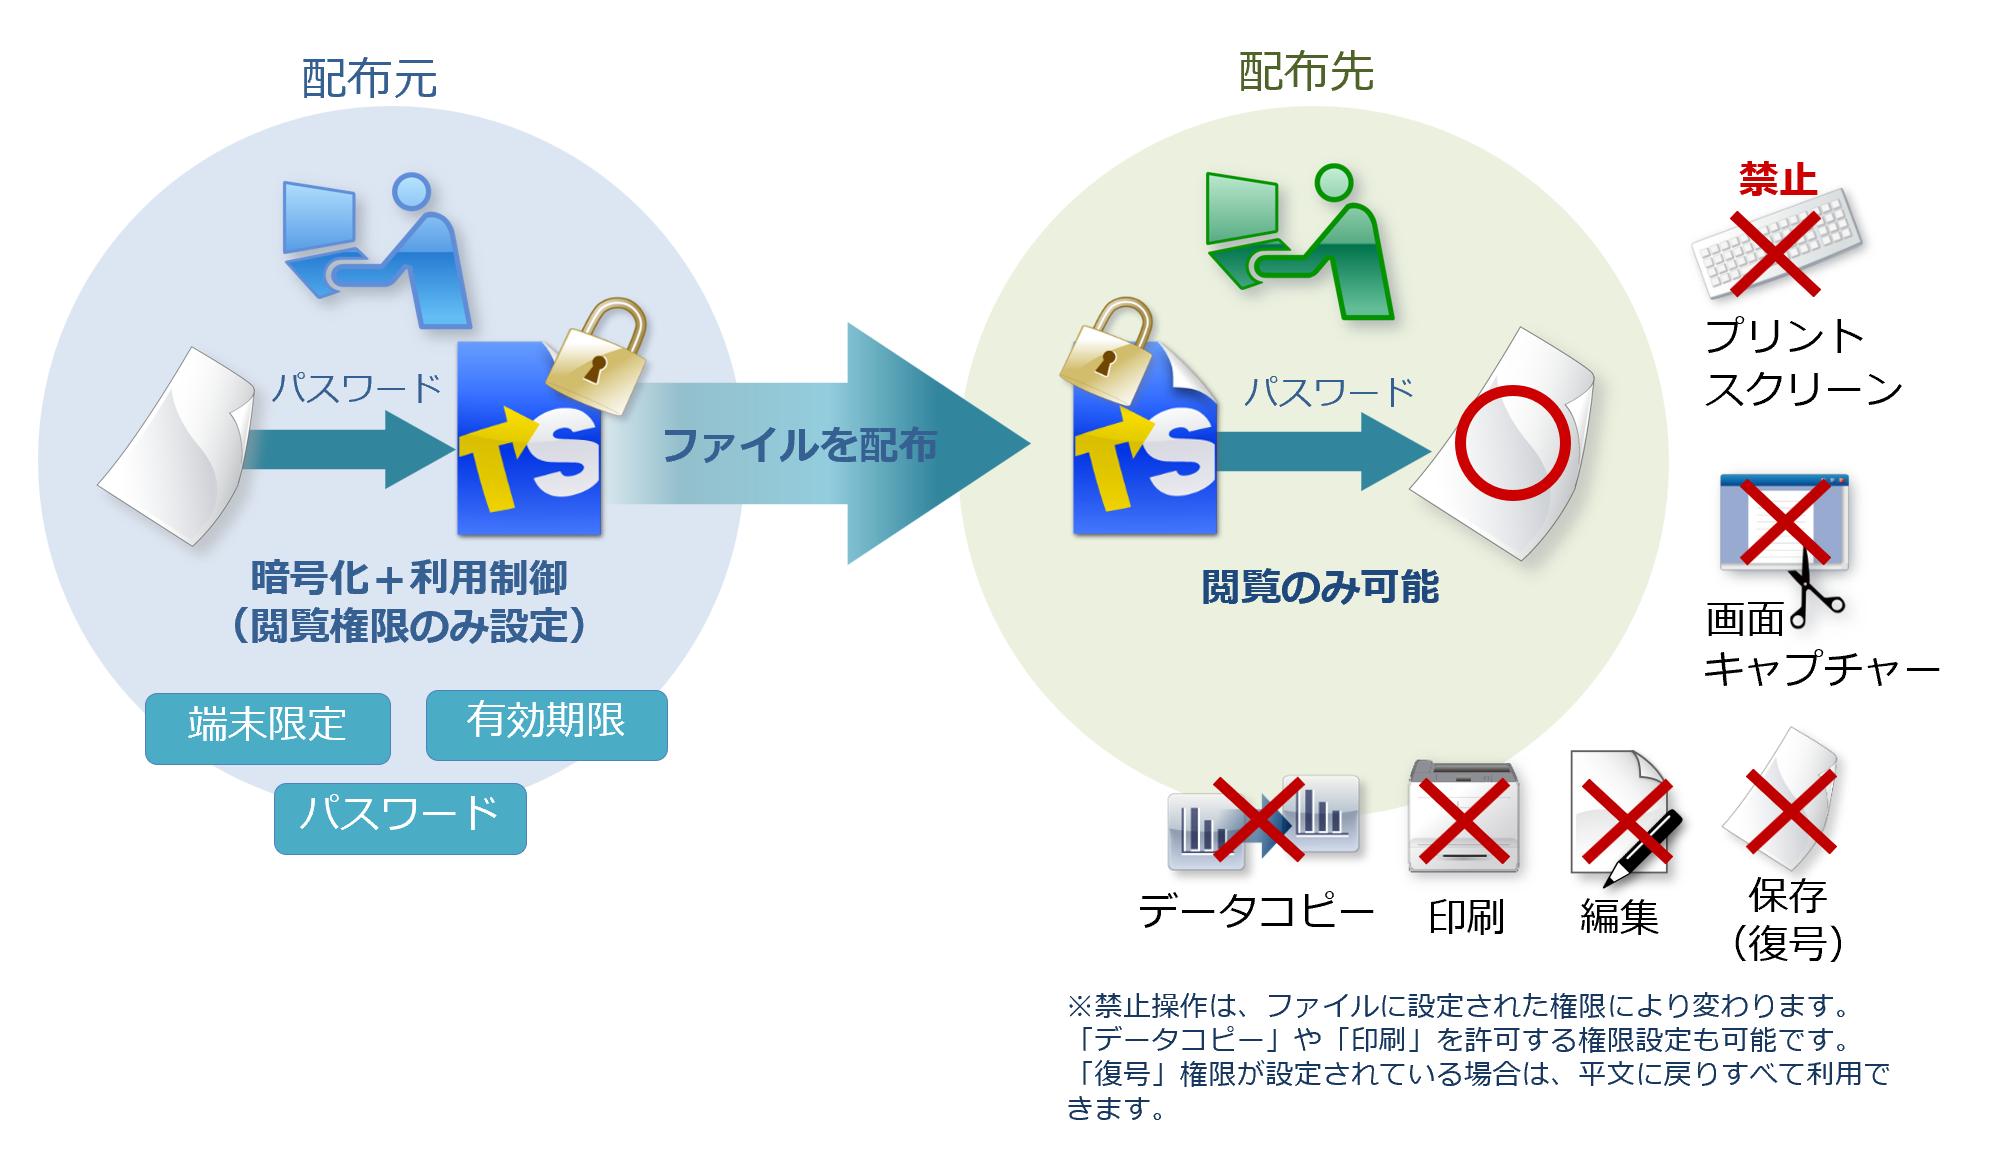 復号 ライン GnuPGでファイルを暗号化・復号する手順